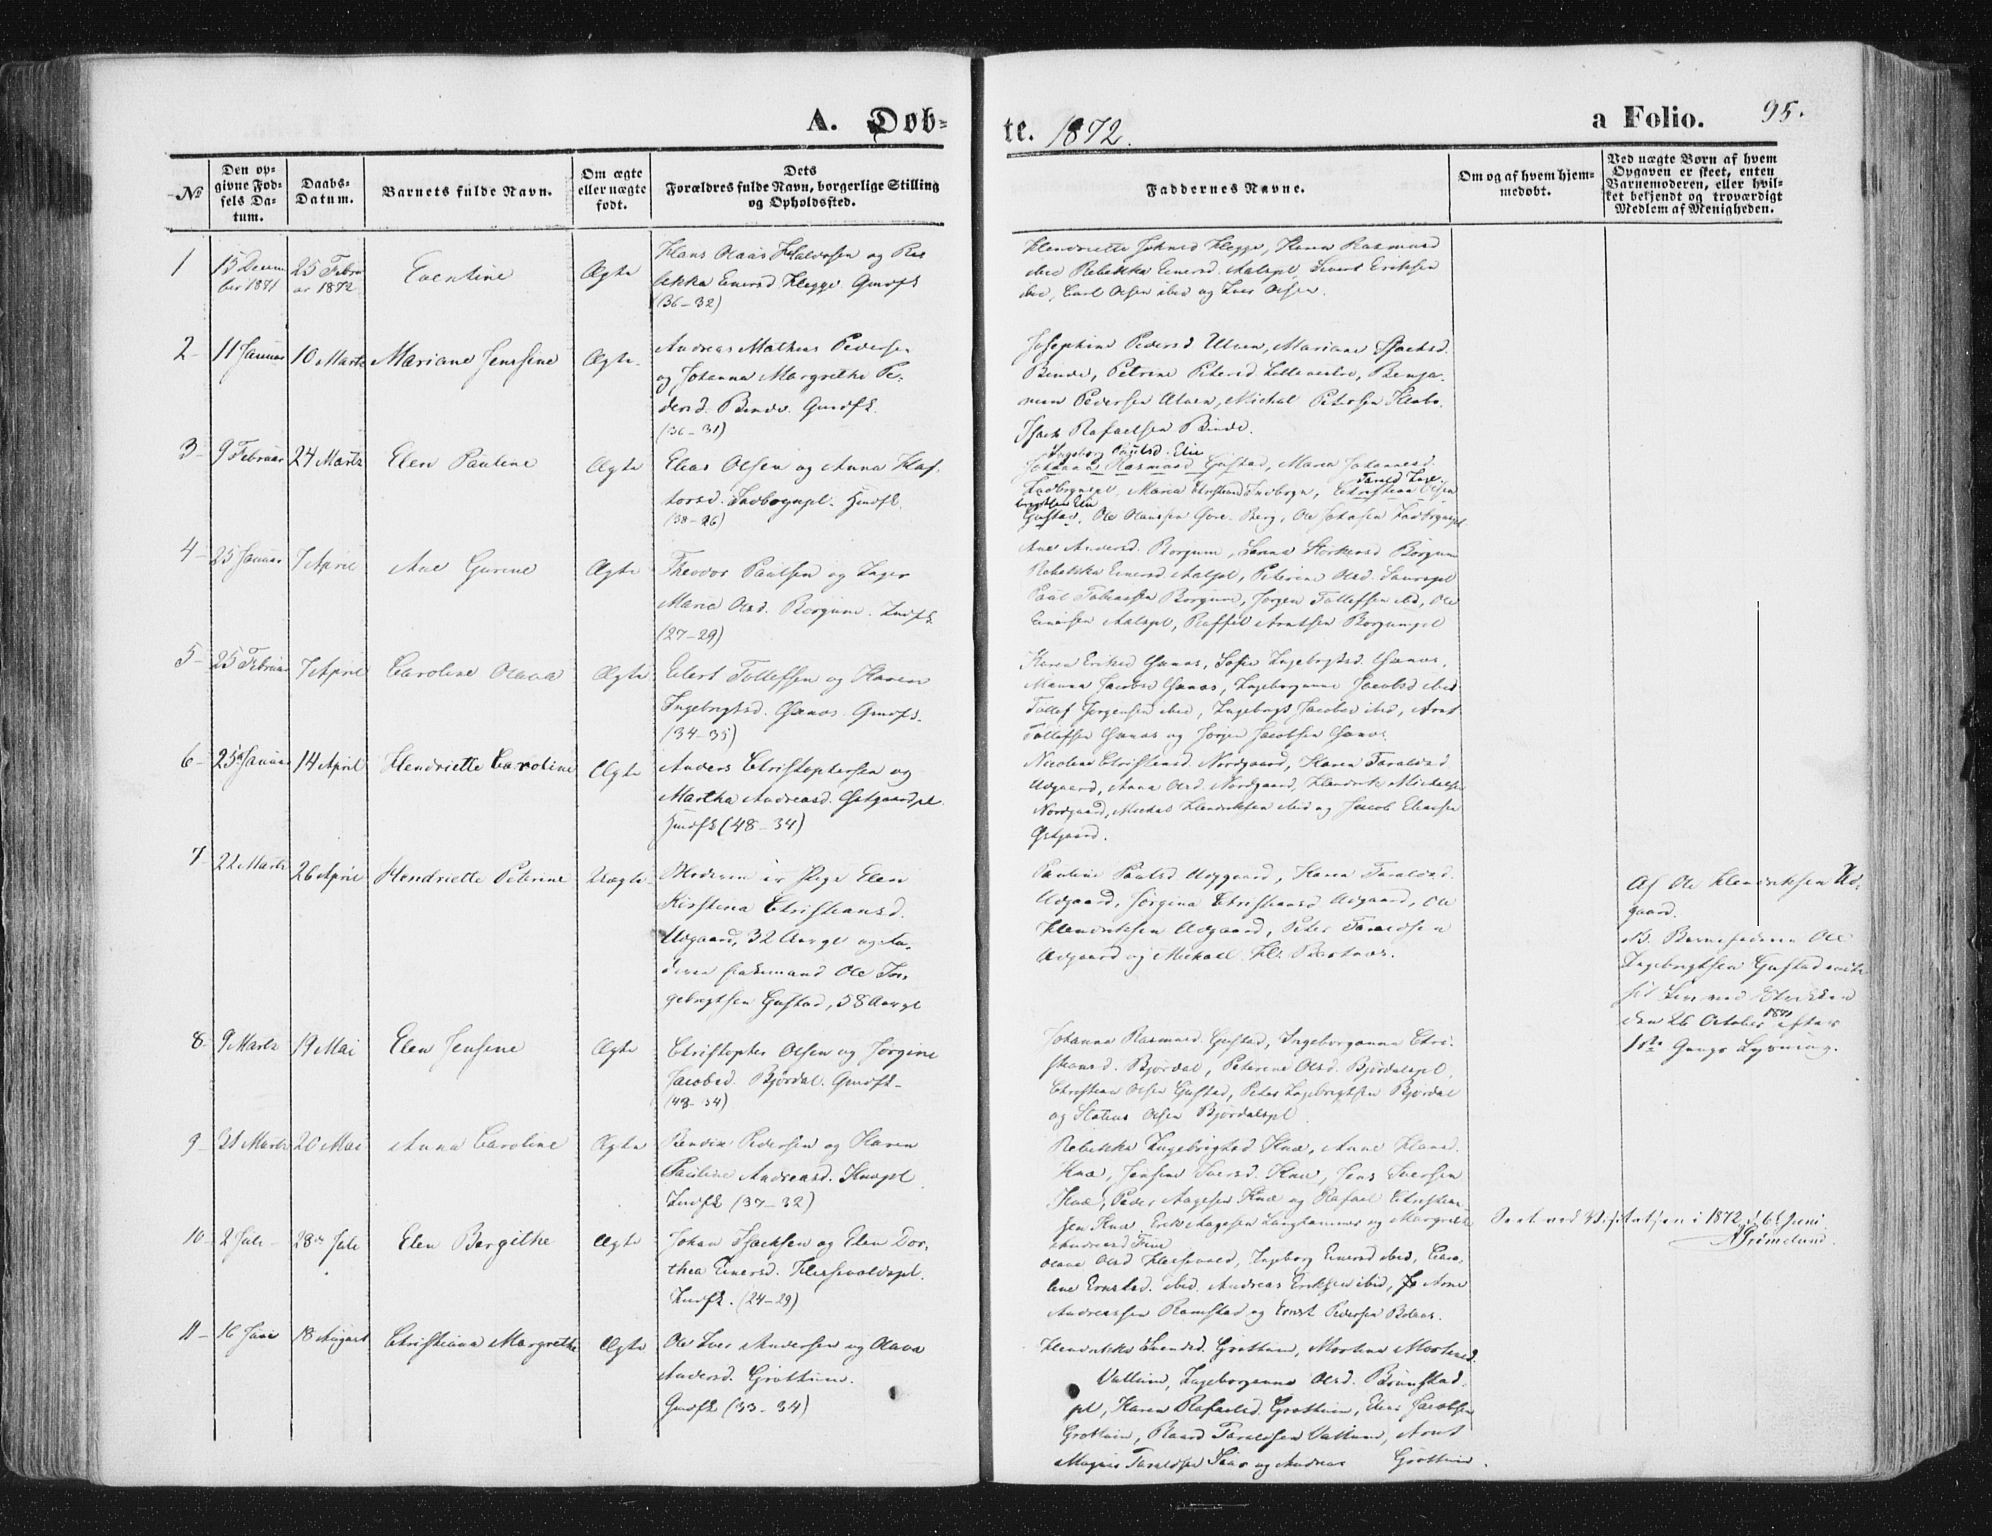 SAT, Ministerialprotokoller, klokkerbøker og fødselsregistre - Nord-Trøndelag, 746/L0447: Ministerialbok nr. 746A06, 1860-1877, s. 95